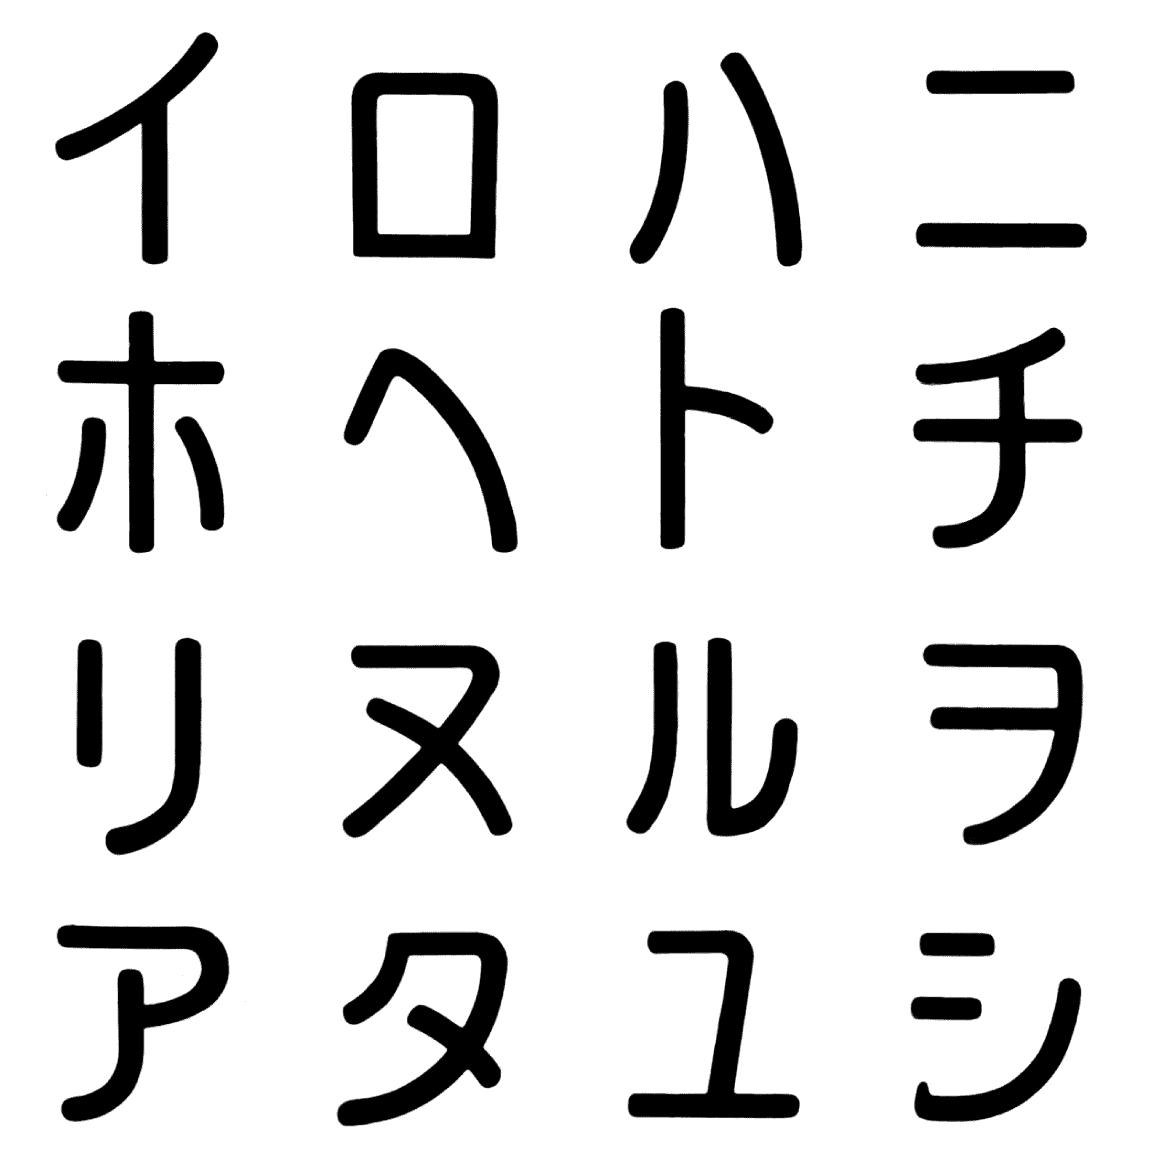 ホシ KA 字形見本